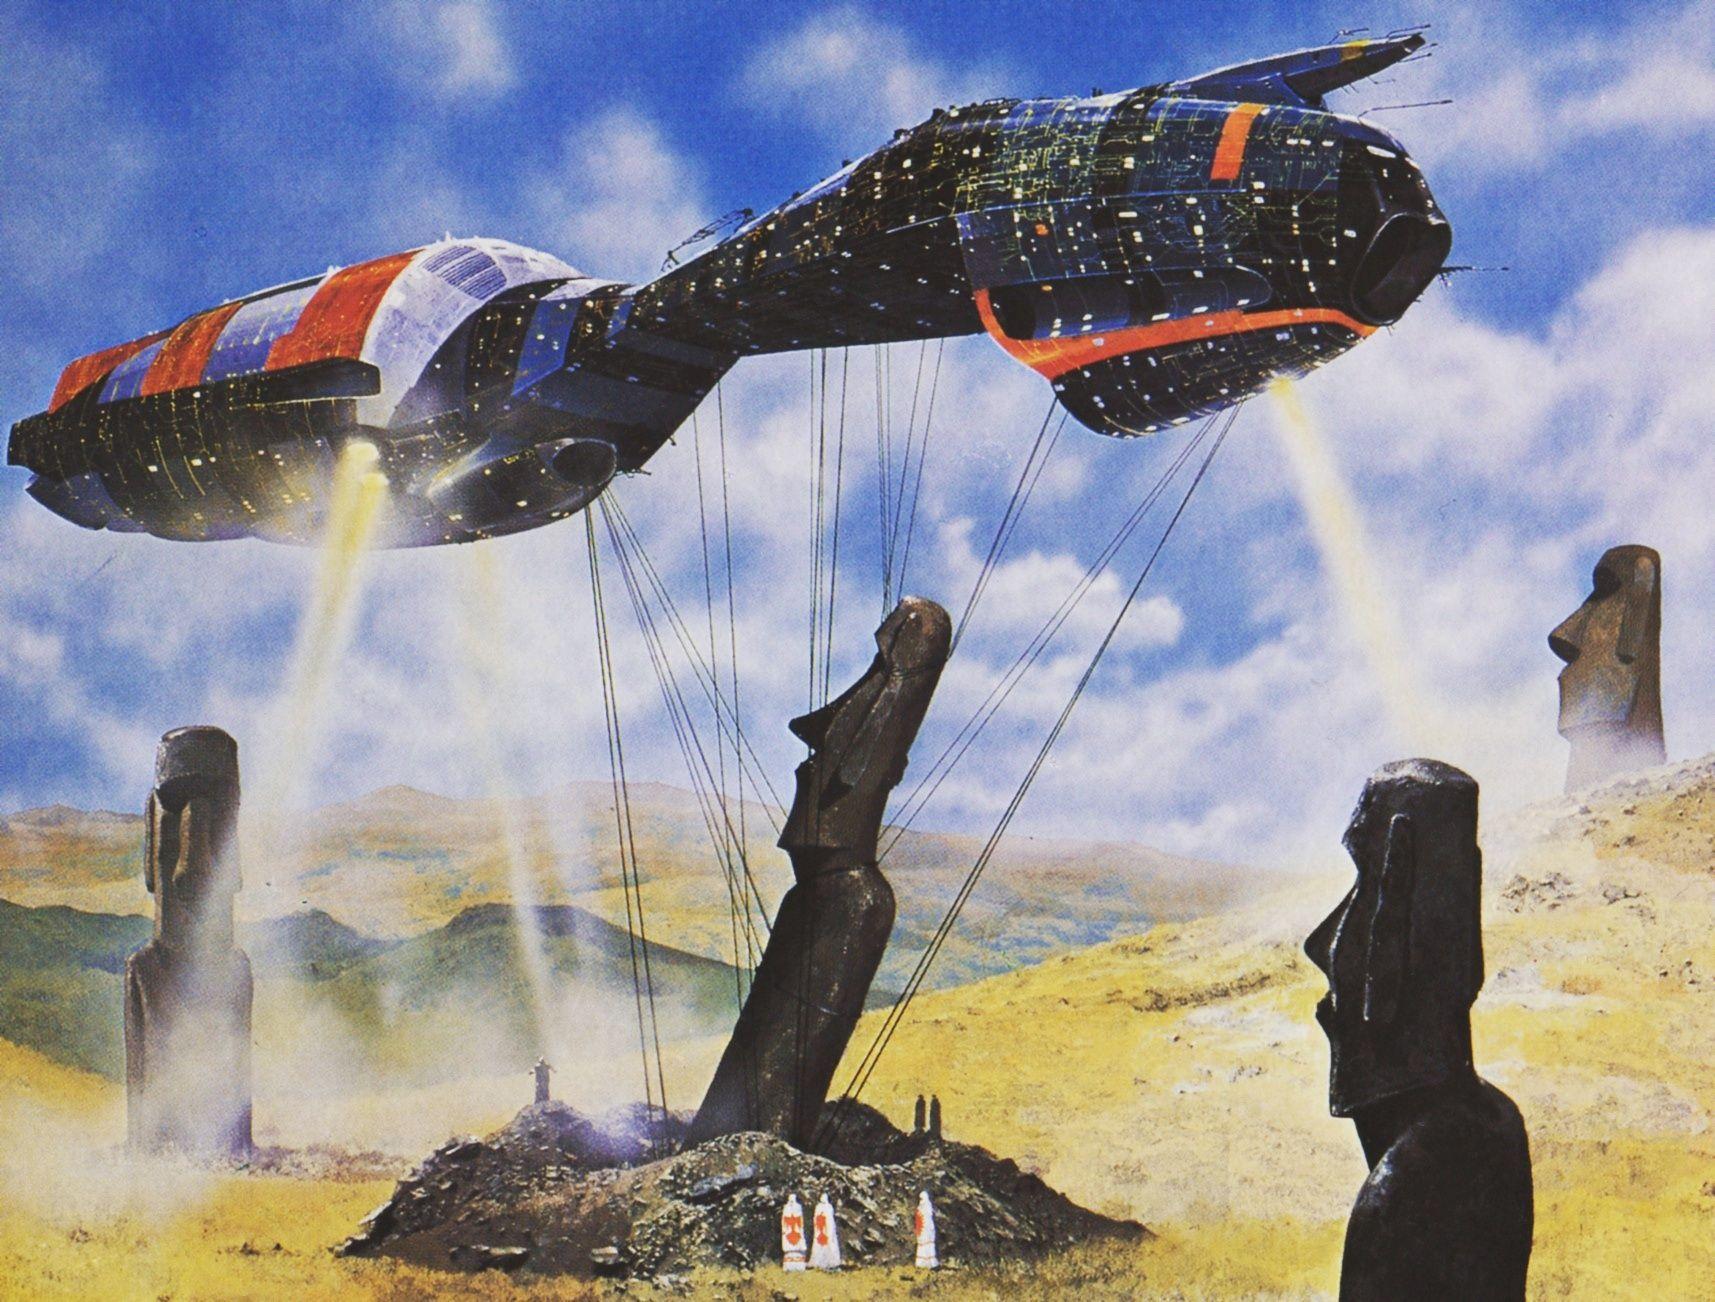 Some Retro Sci Fi Wallpaper